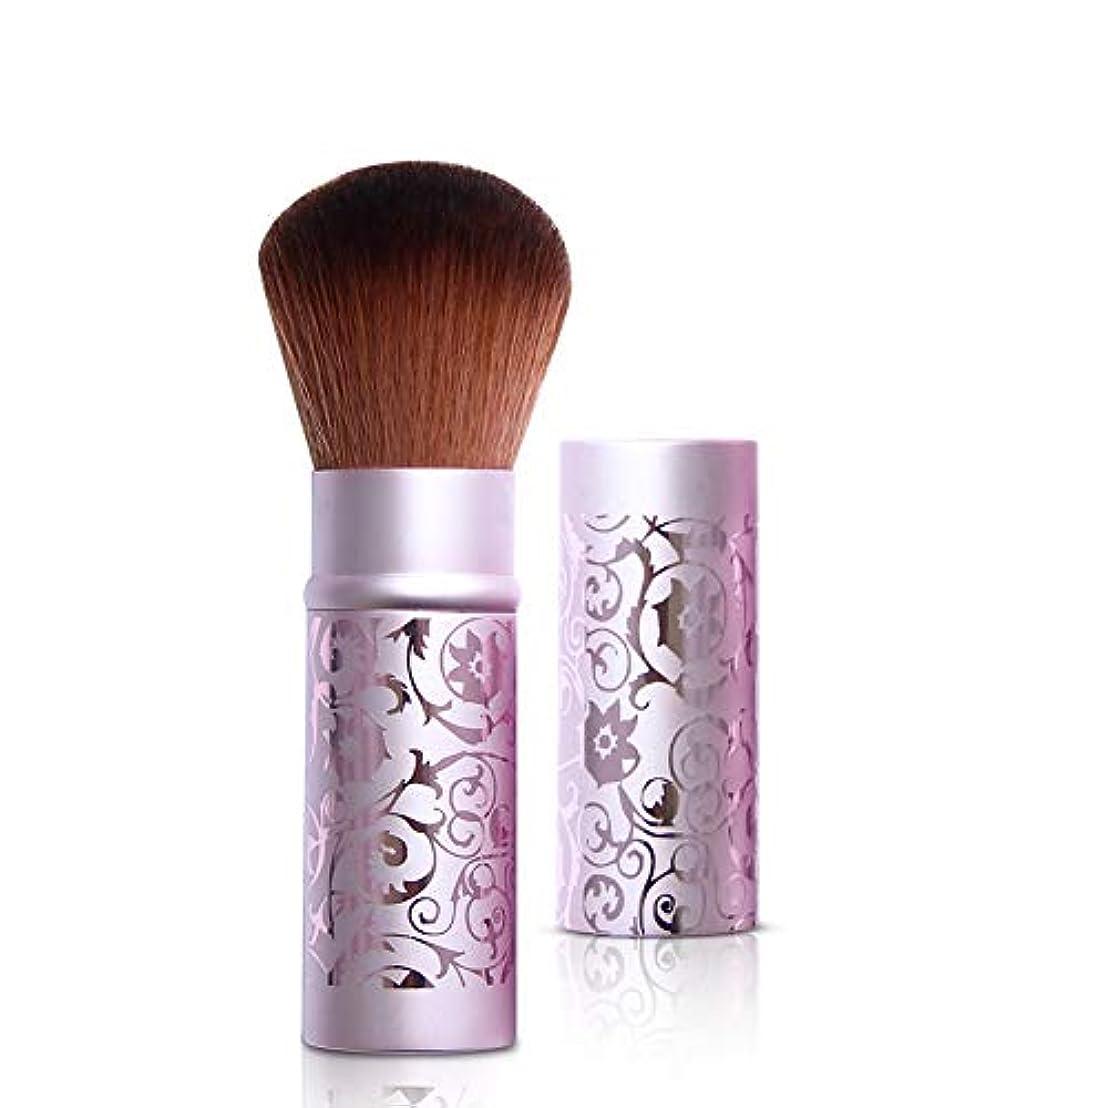 刺す伝記コンピュータールージュブラシセット化粧ブラシ化粧ブラシルースパウダーブラシラージパウダーブラシシャドーブラシブラッシュブラシテレスコピックポータブル蓋付き,Purple